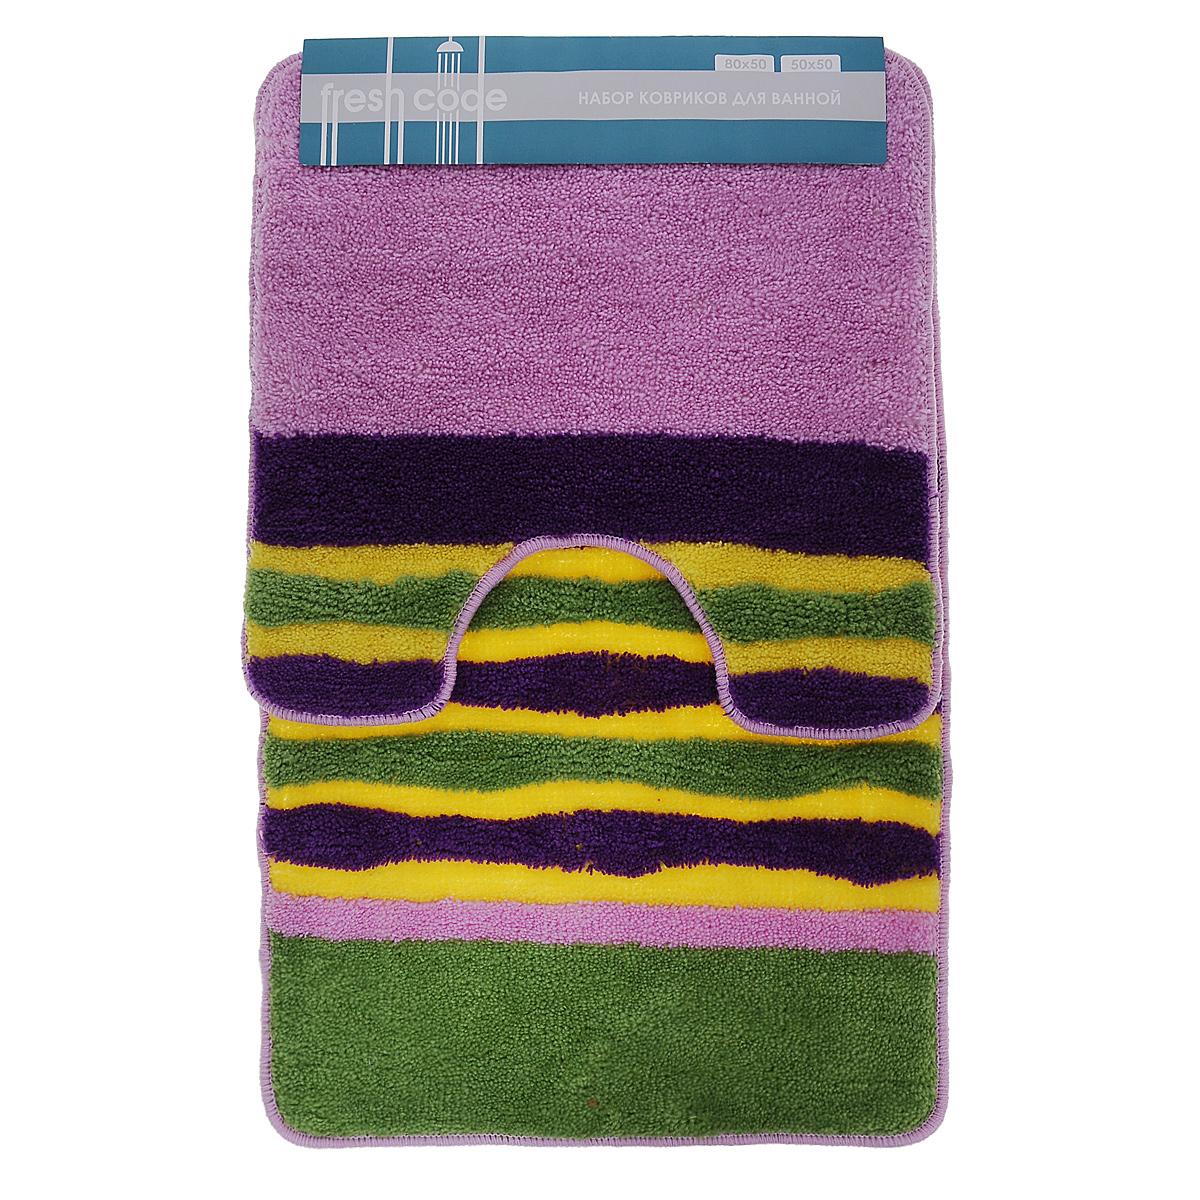 """Комплект ковриков для ванной """"Fresh Code"""", цвет: салатовый, сиреневый, фиолетовый, 2 предмета 55010_салатовый, сиреневый, фиолетовый"""